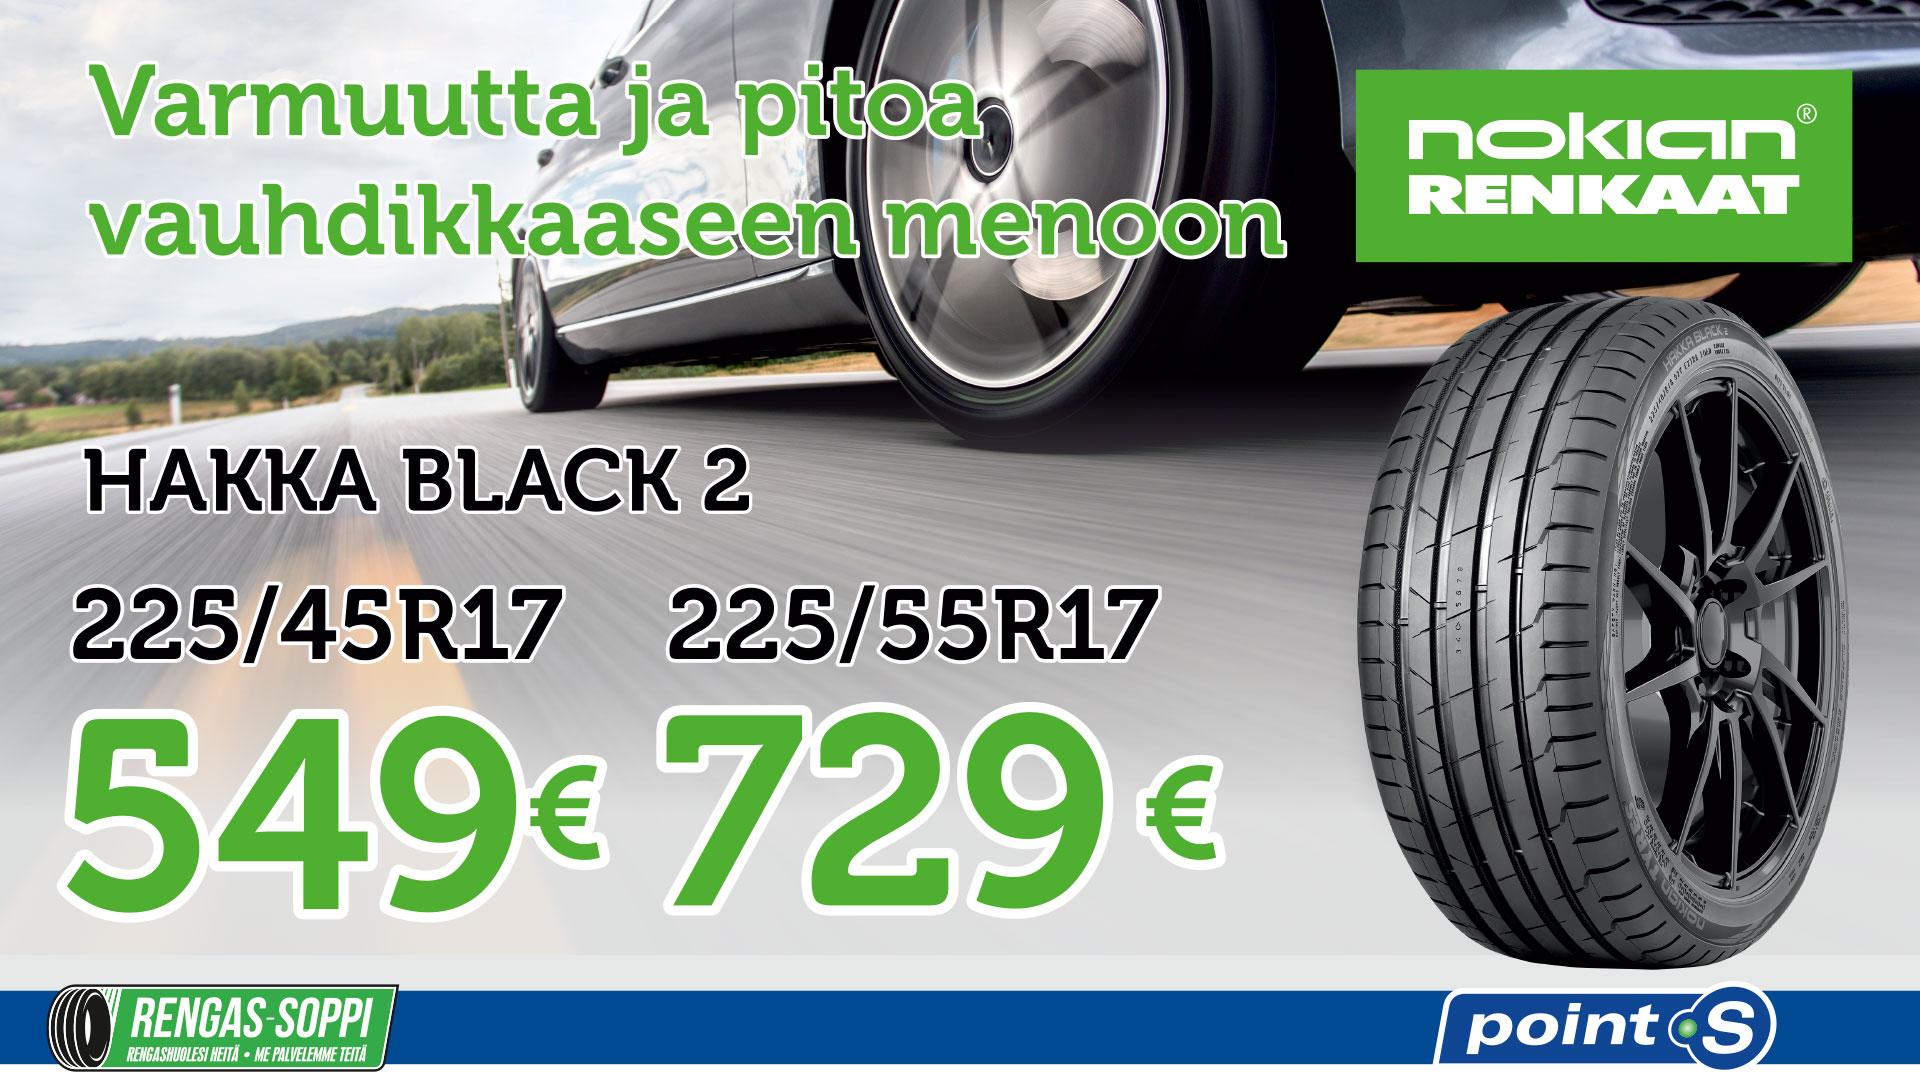 Nokian Hakka Black 2 | Äärimmäiseen ajoon